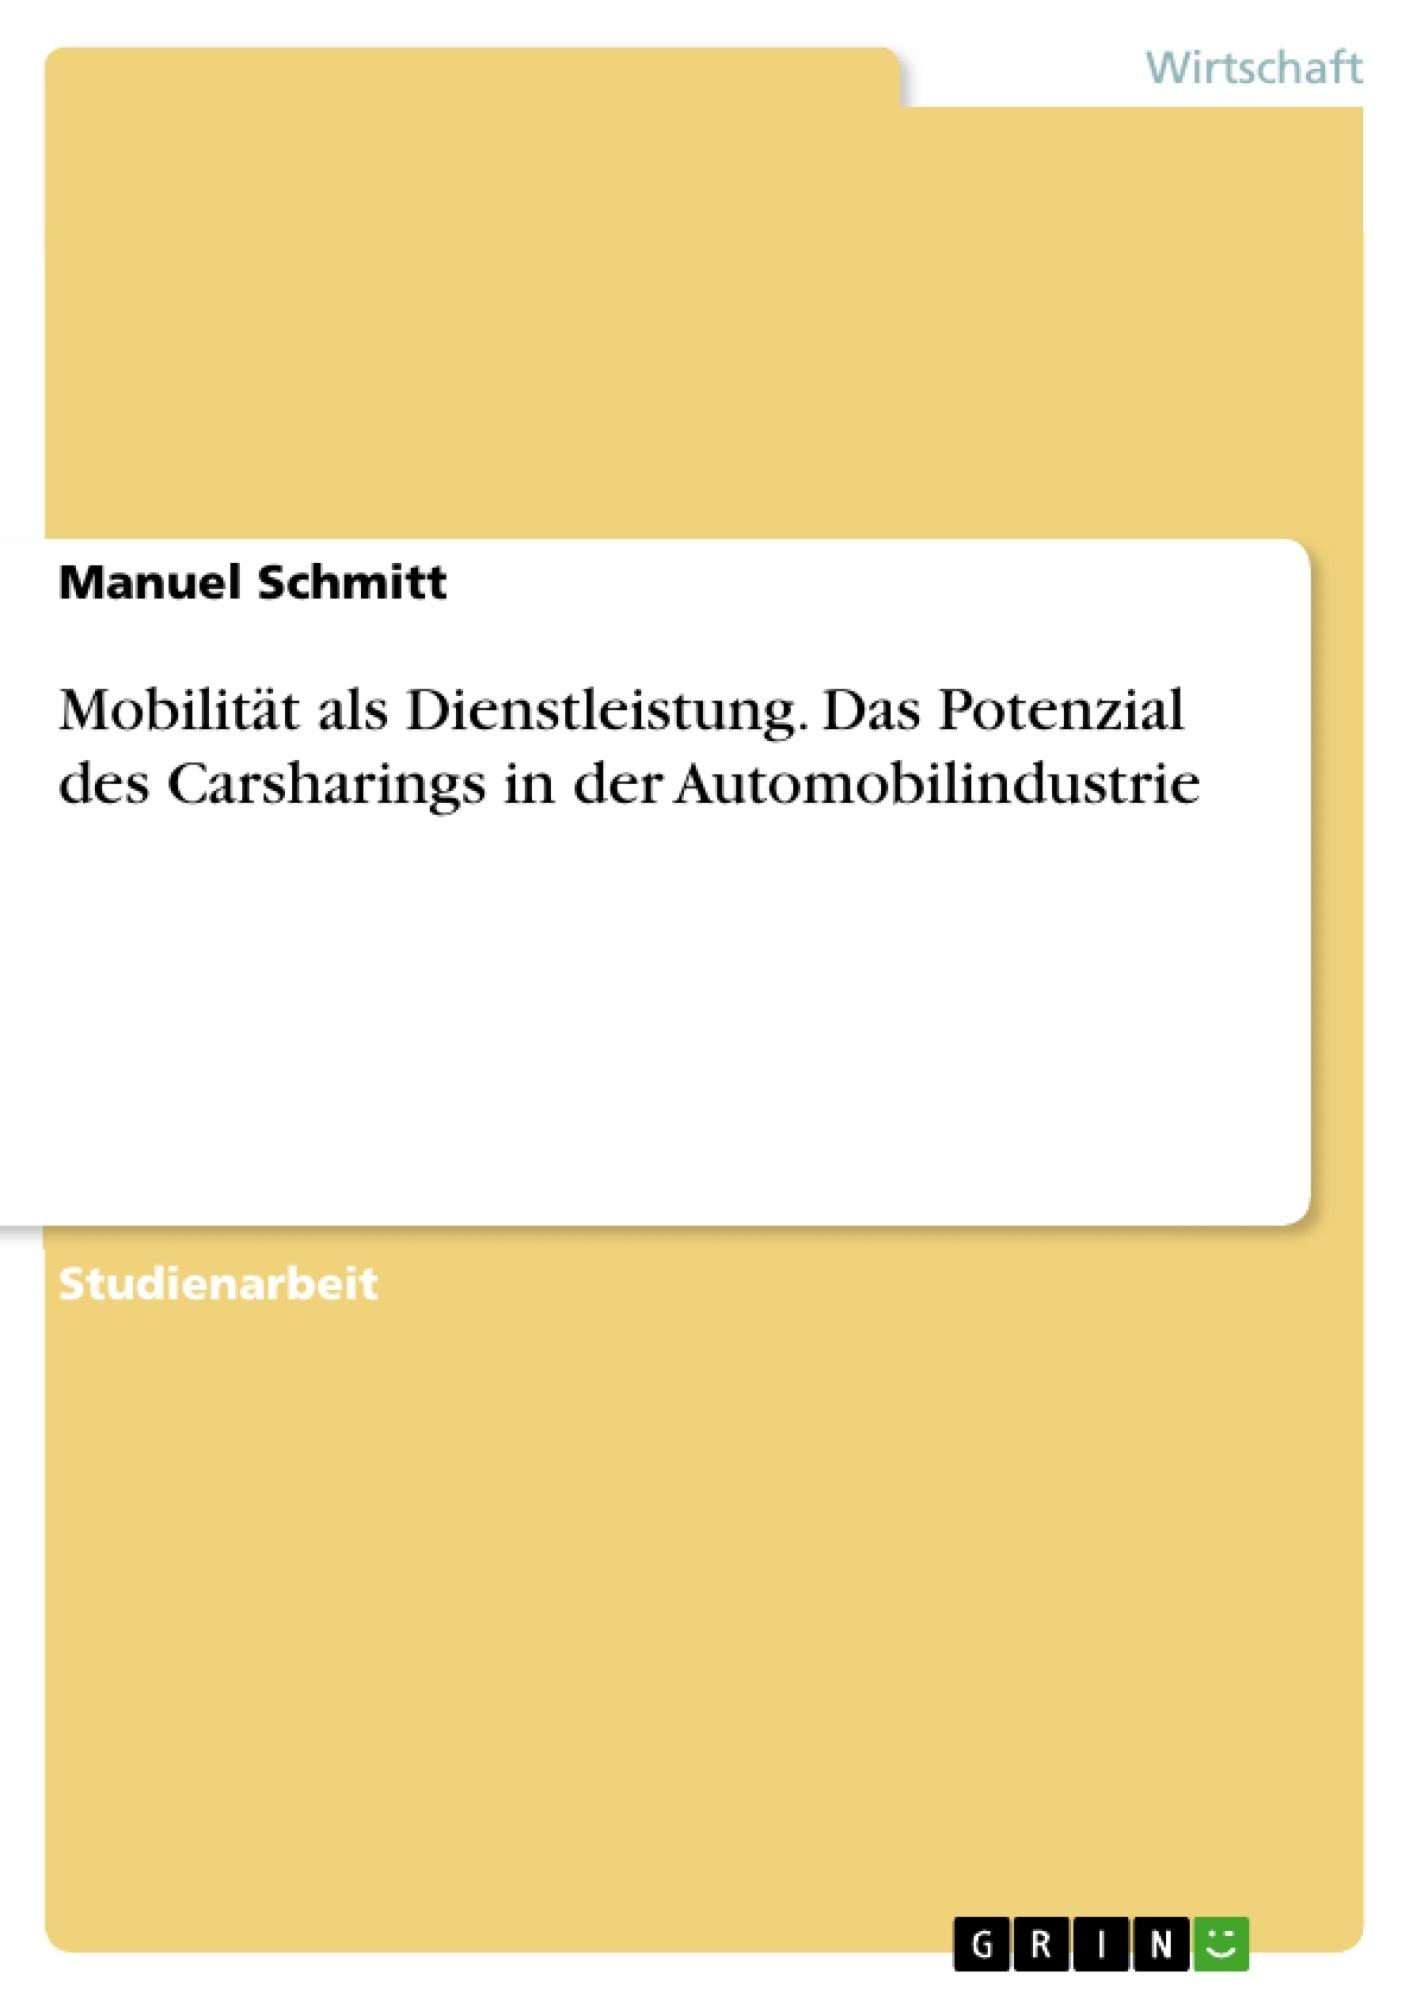 Titel: Mobilität als Dienstleistung. Das Potenzial des Carsharings in der Automobilindustrie